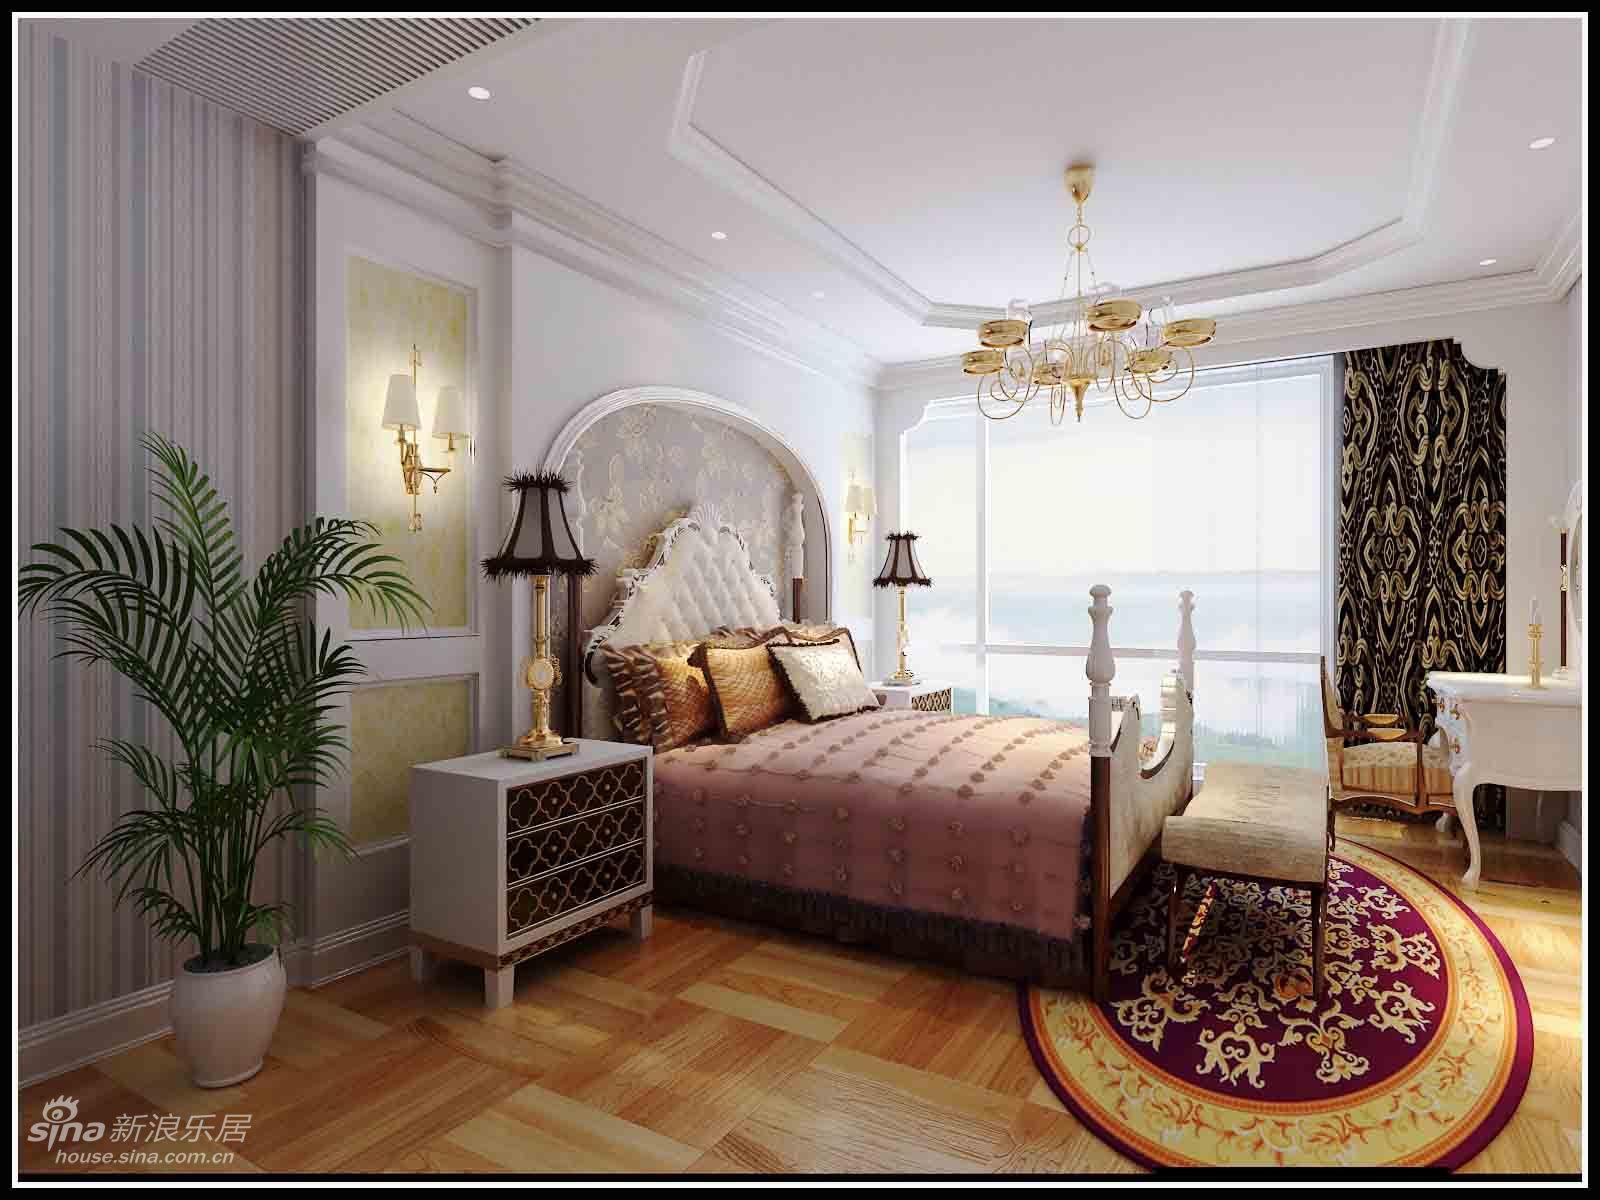 欧式 三居 客厅图片来自用户2772873991在隆昌苑家装样板间装修设计92的分享